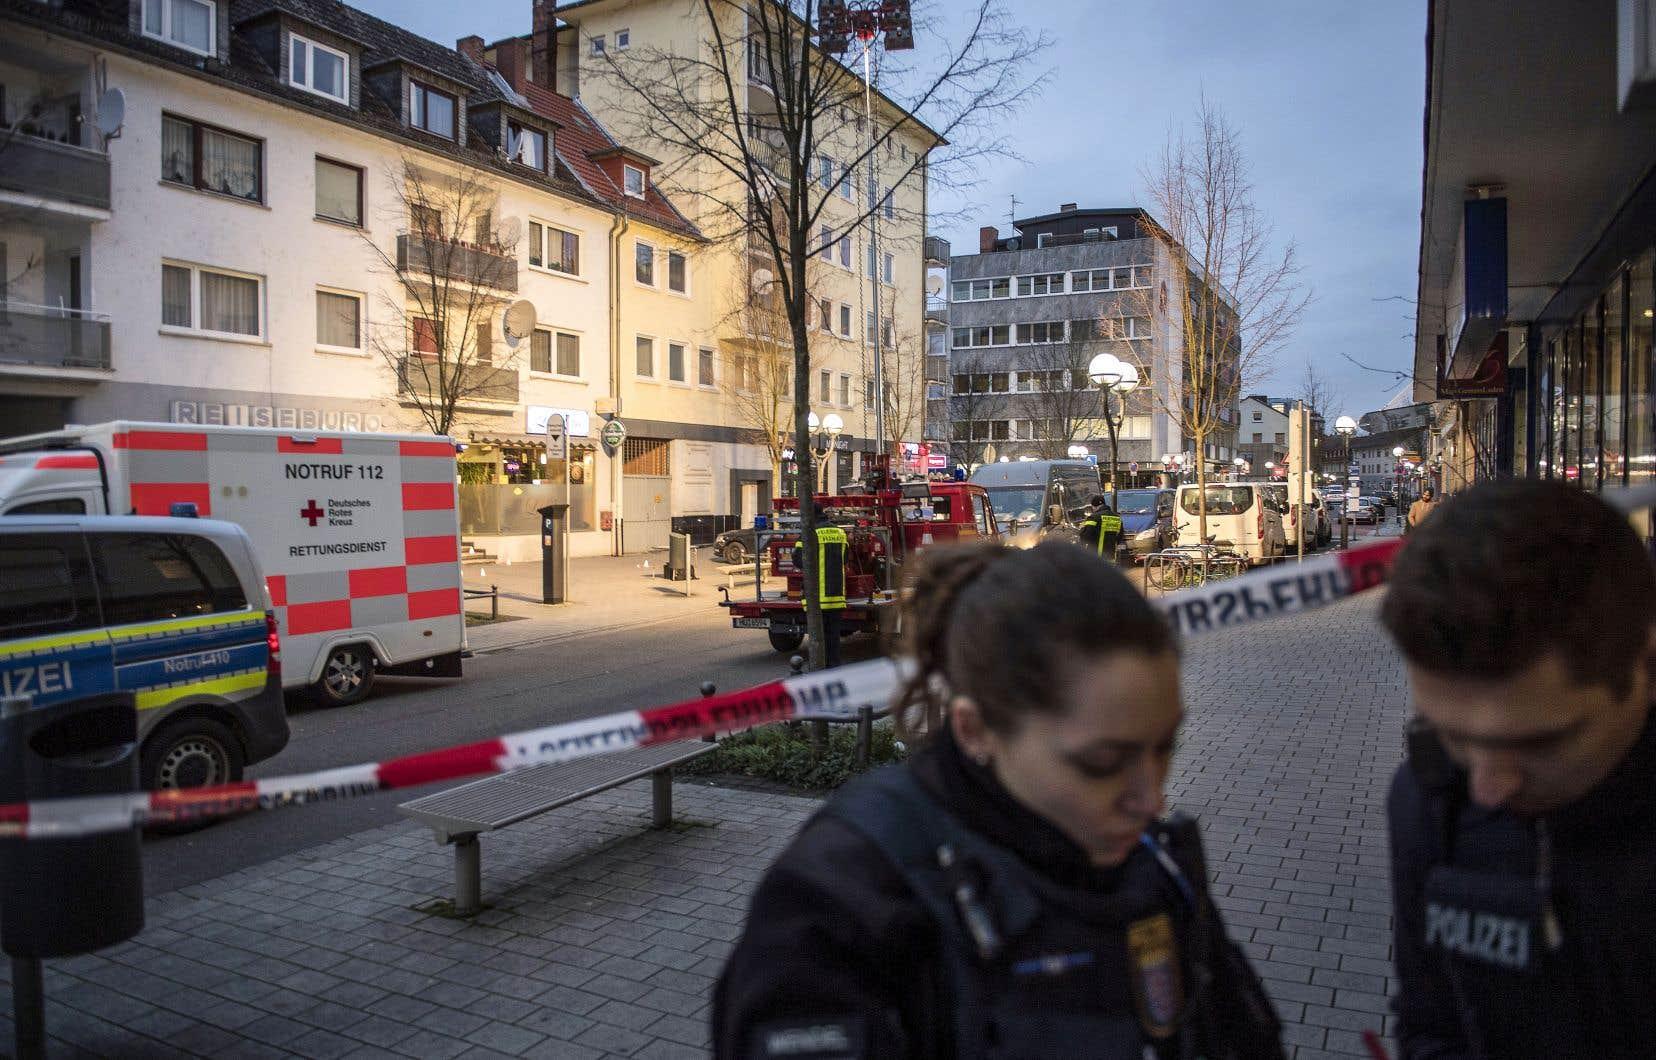 Un policier et une agente des services d'urgence discutaient, jeudi, devant le cordon de police au centre-ville de Hanau, près de Francfort, où un tireur a abattu neuf personnes dans des bars à chicha.